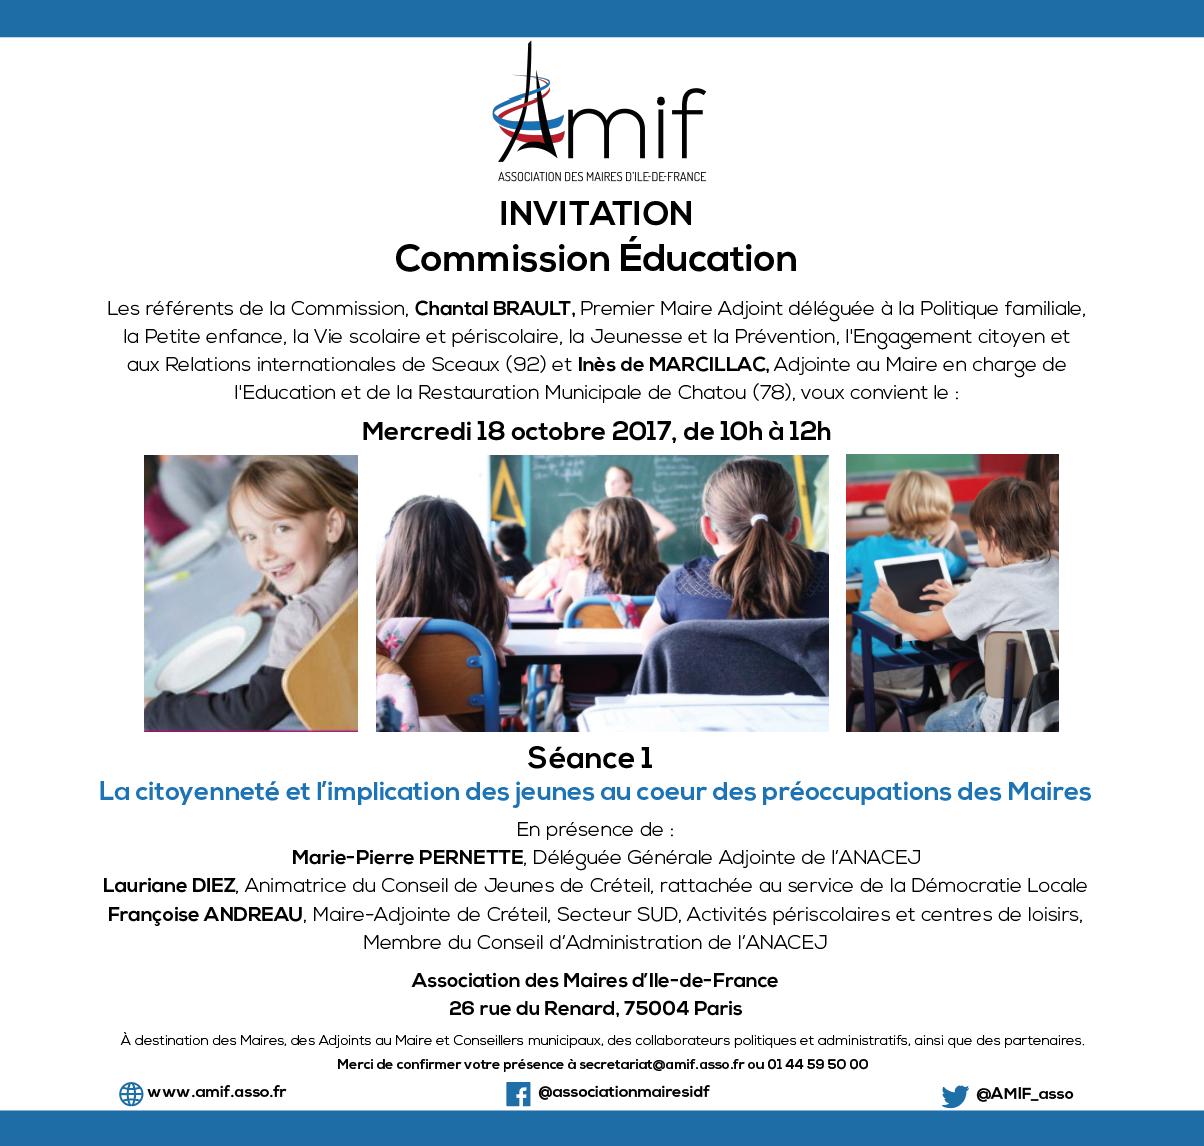 Commission Education - Séance 1 - Mardi 18 octobre 2017 - 10h-12h